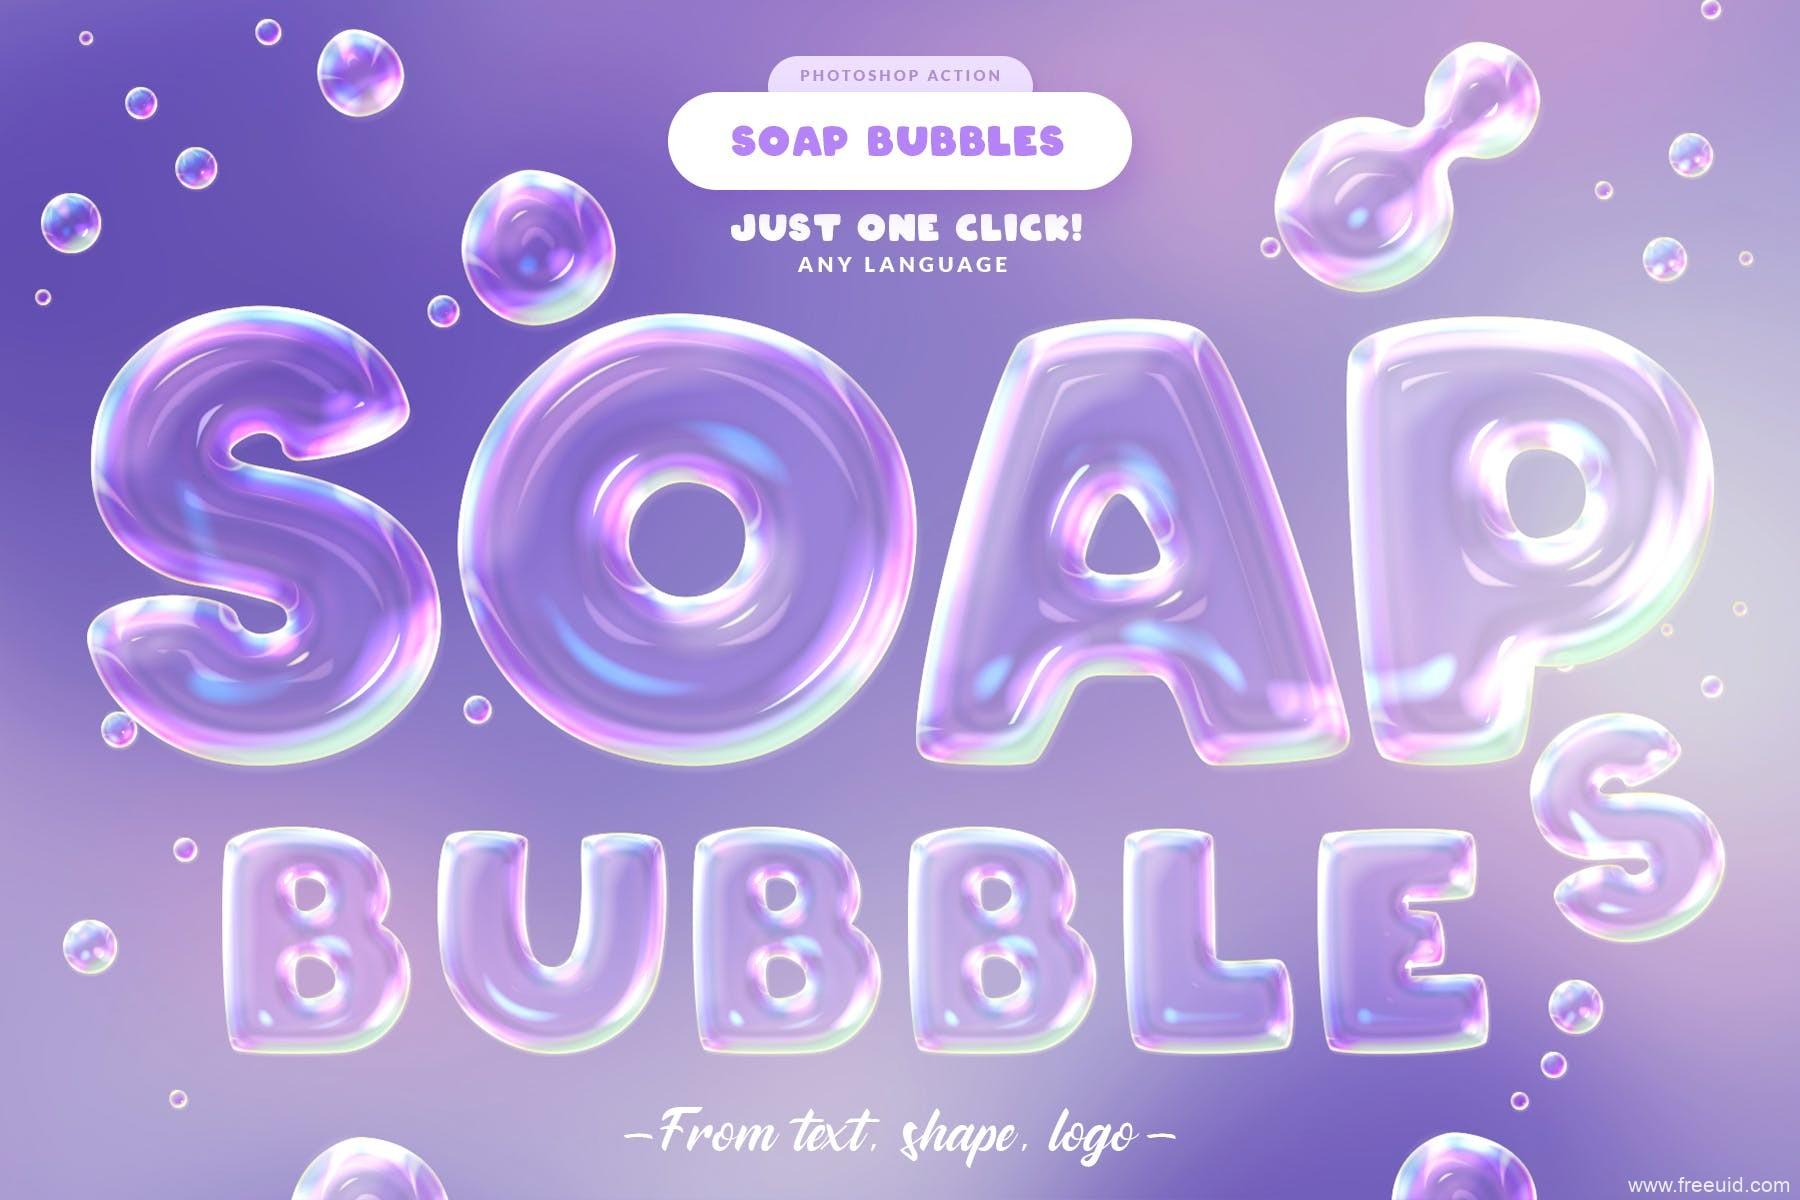 一键生成肥皂泡文字的PS动作,酸性气泡字体设计PS动作一键生成下载,支持任何文字